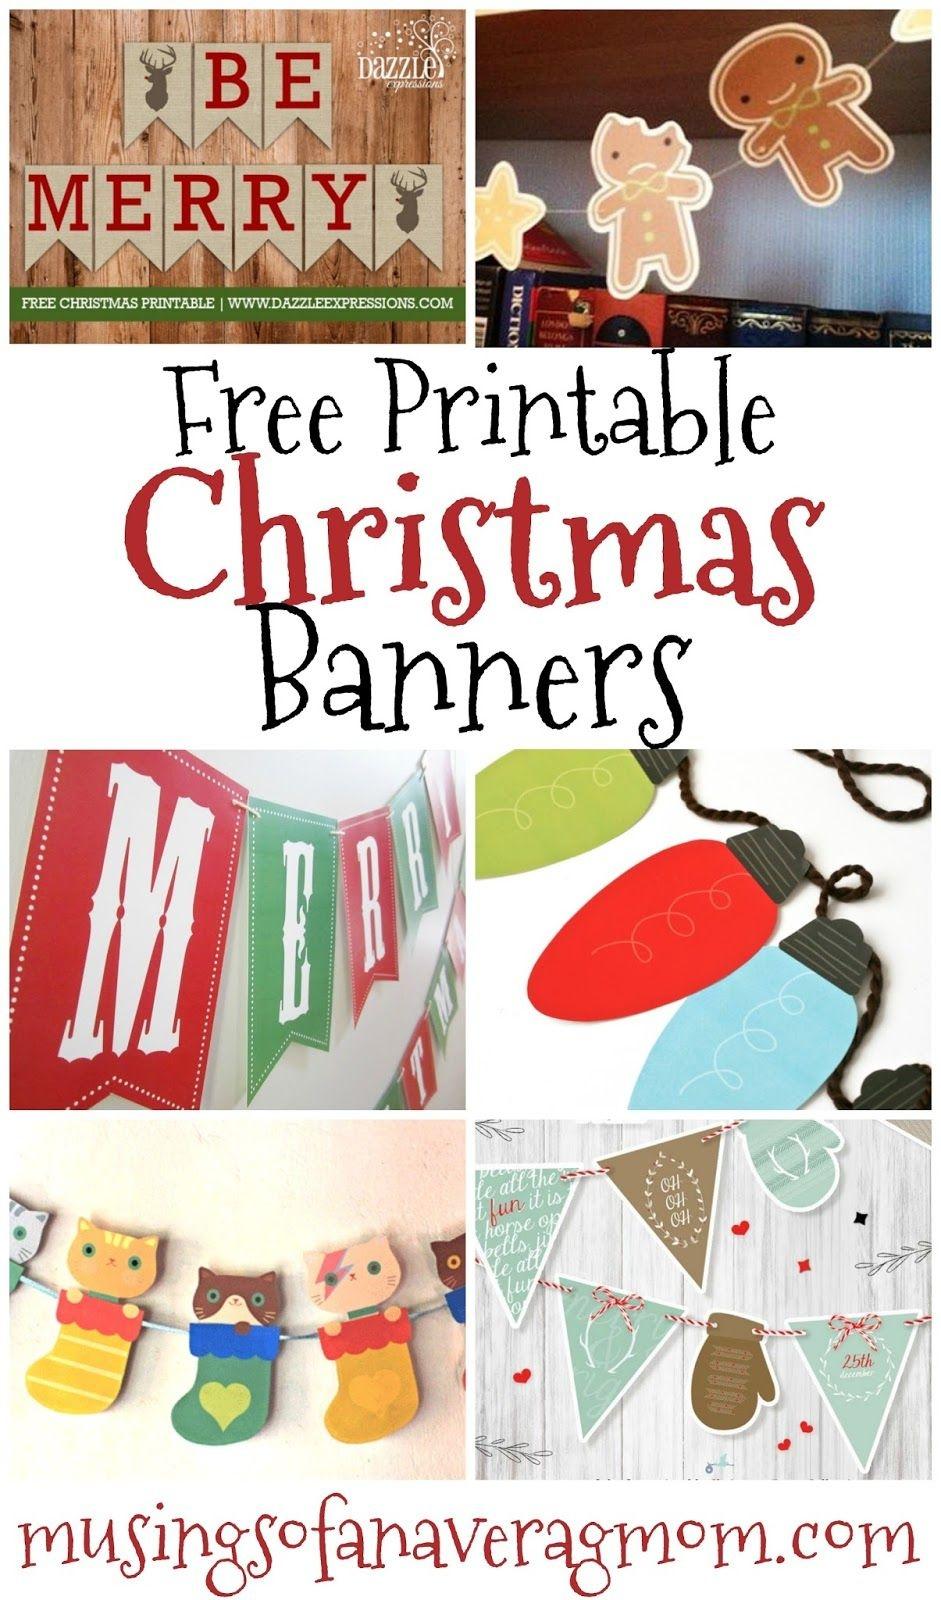 Free Printable Christmas Banners | Banner Letters | Free Christmas - Free Printable Christmas Banner